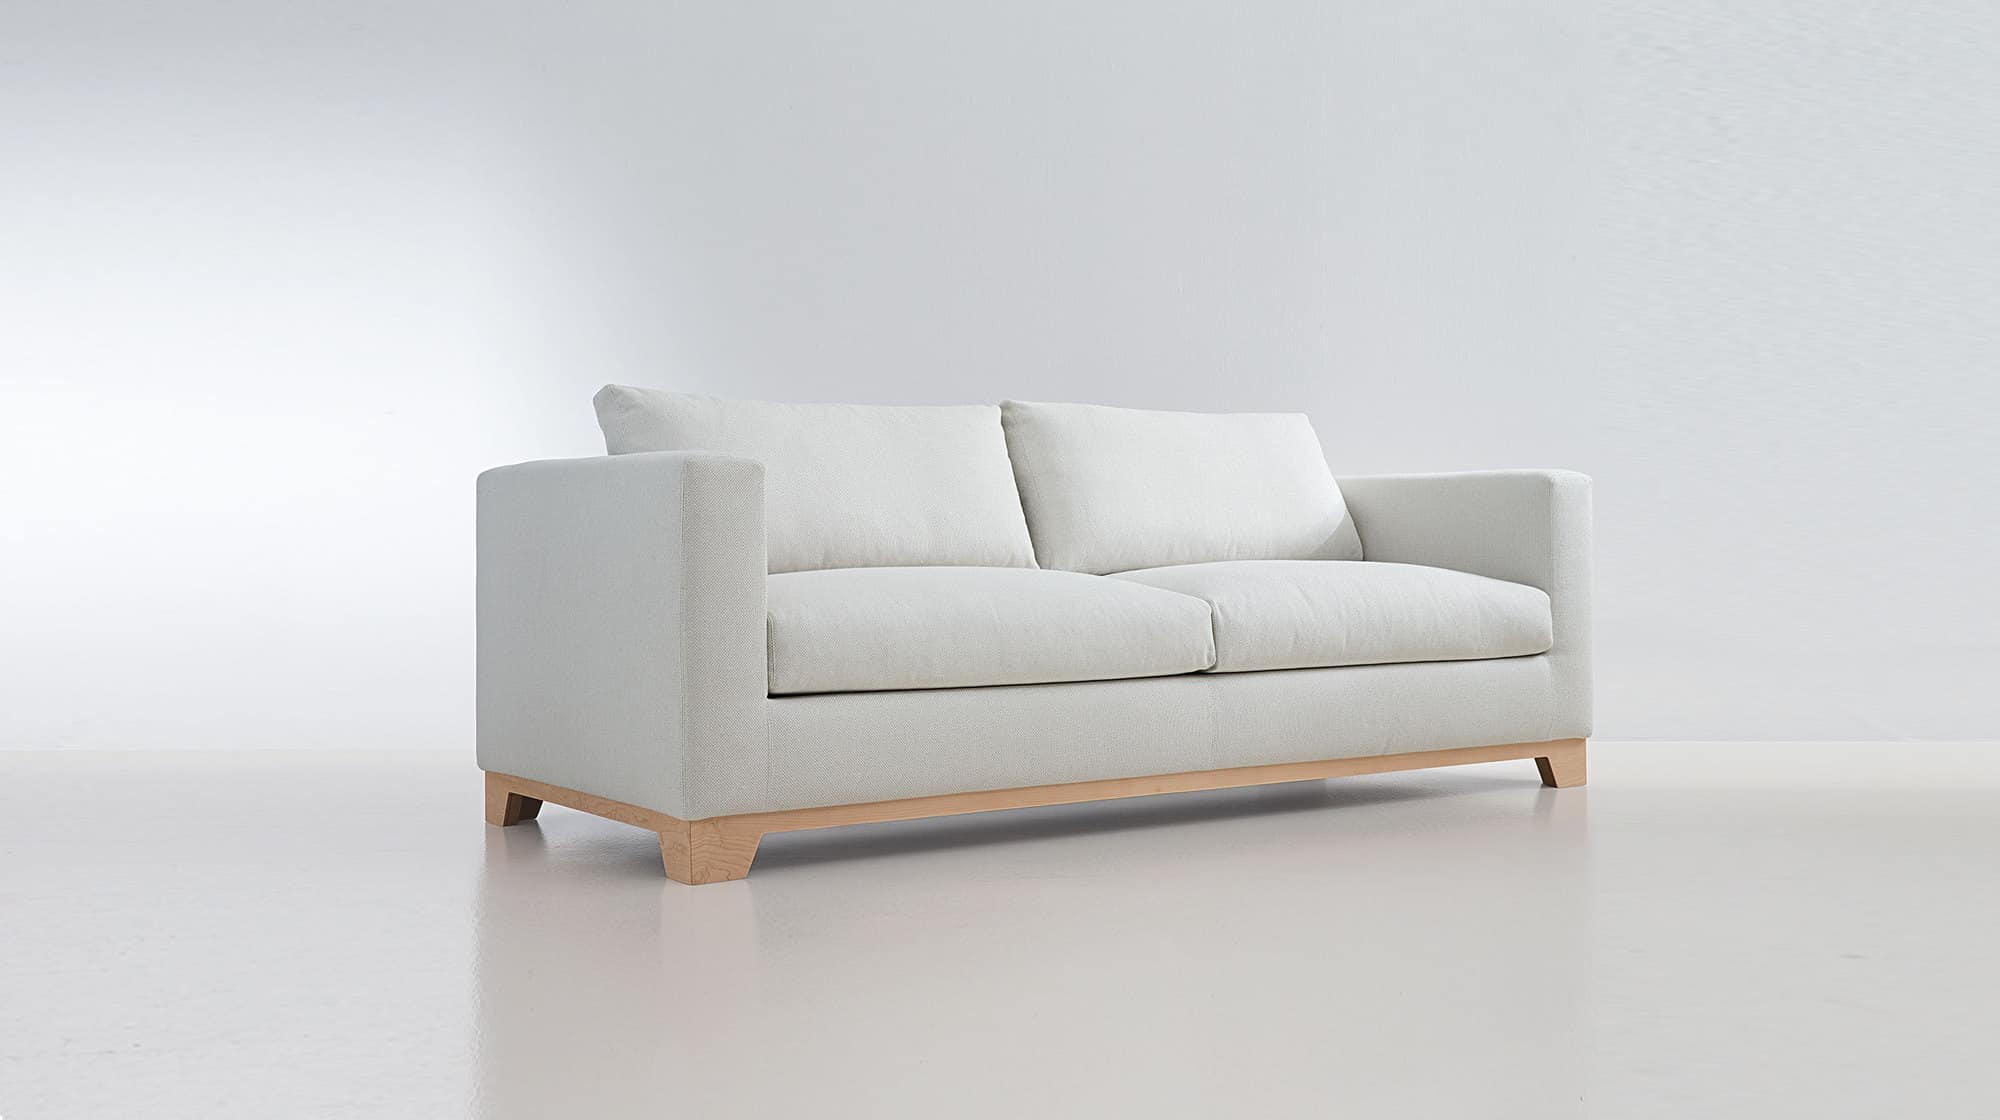 marktex eine art zu wohnen klassische sch nheit wider schnelllebige trends. Black Bedroom Furniture Sets. Home Design Ideas